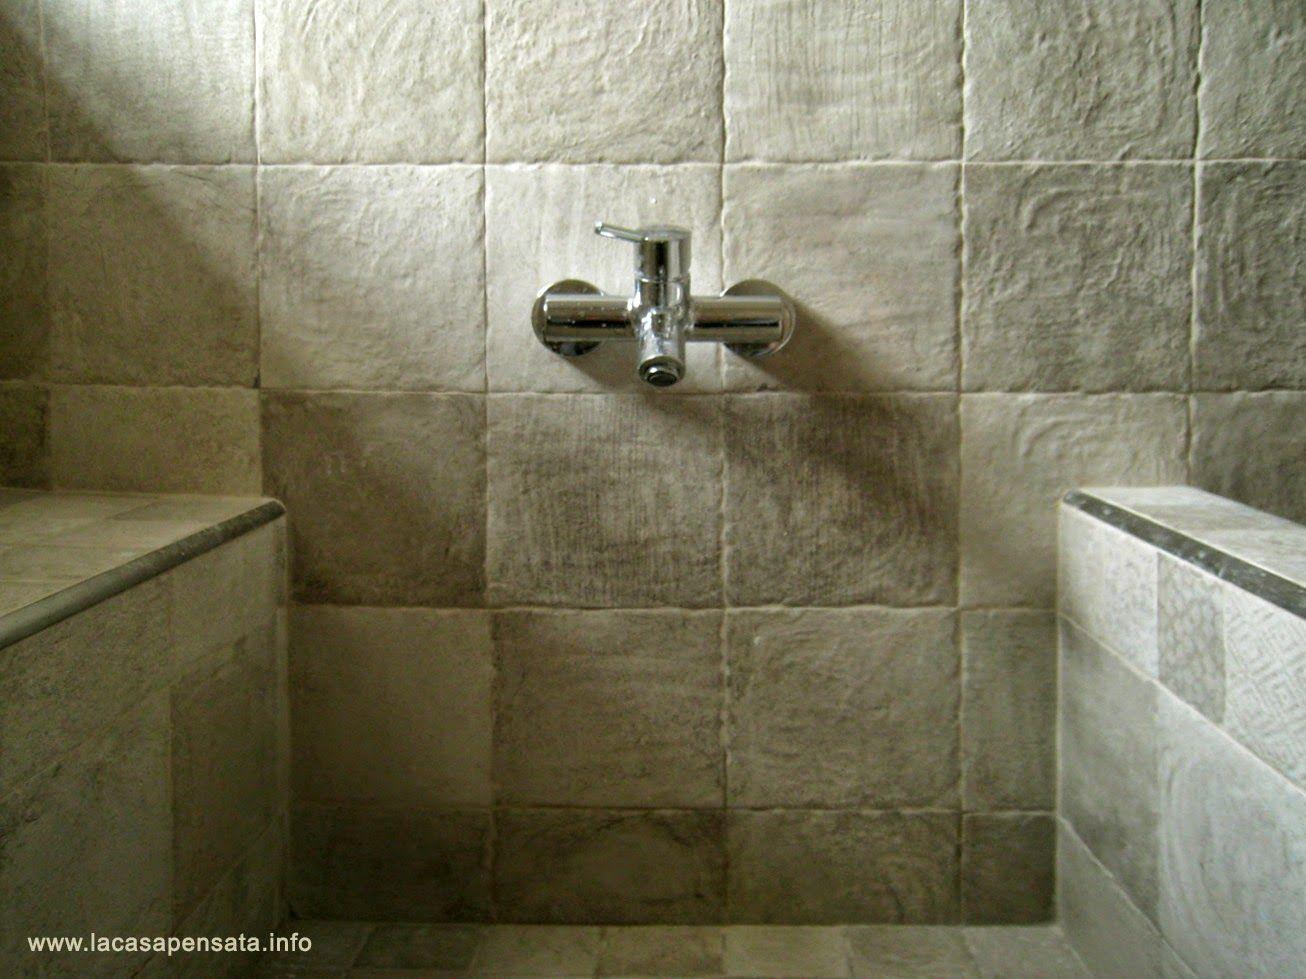 Vasca Da Bagno Divisorio : Vasca da bagno in muratura bathroom bagno vasca